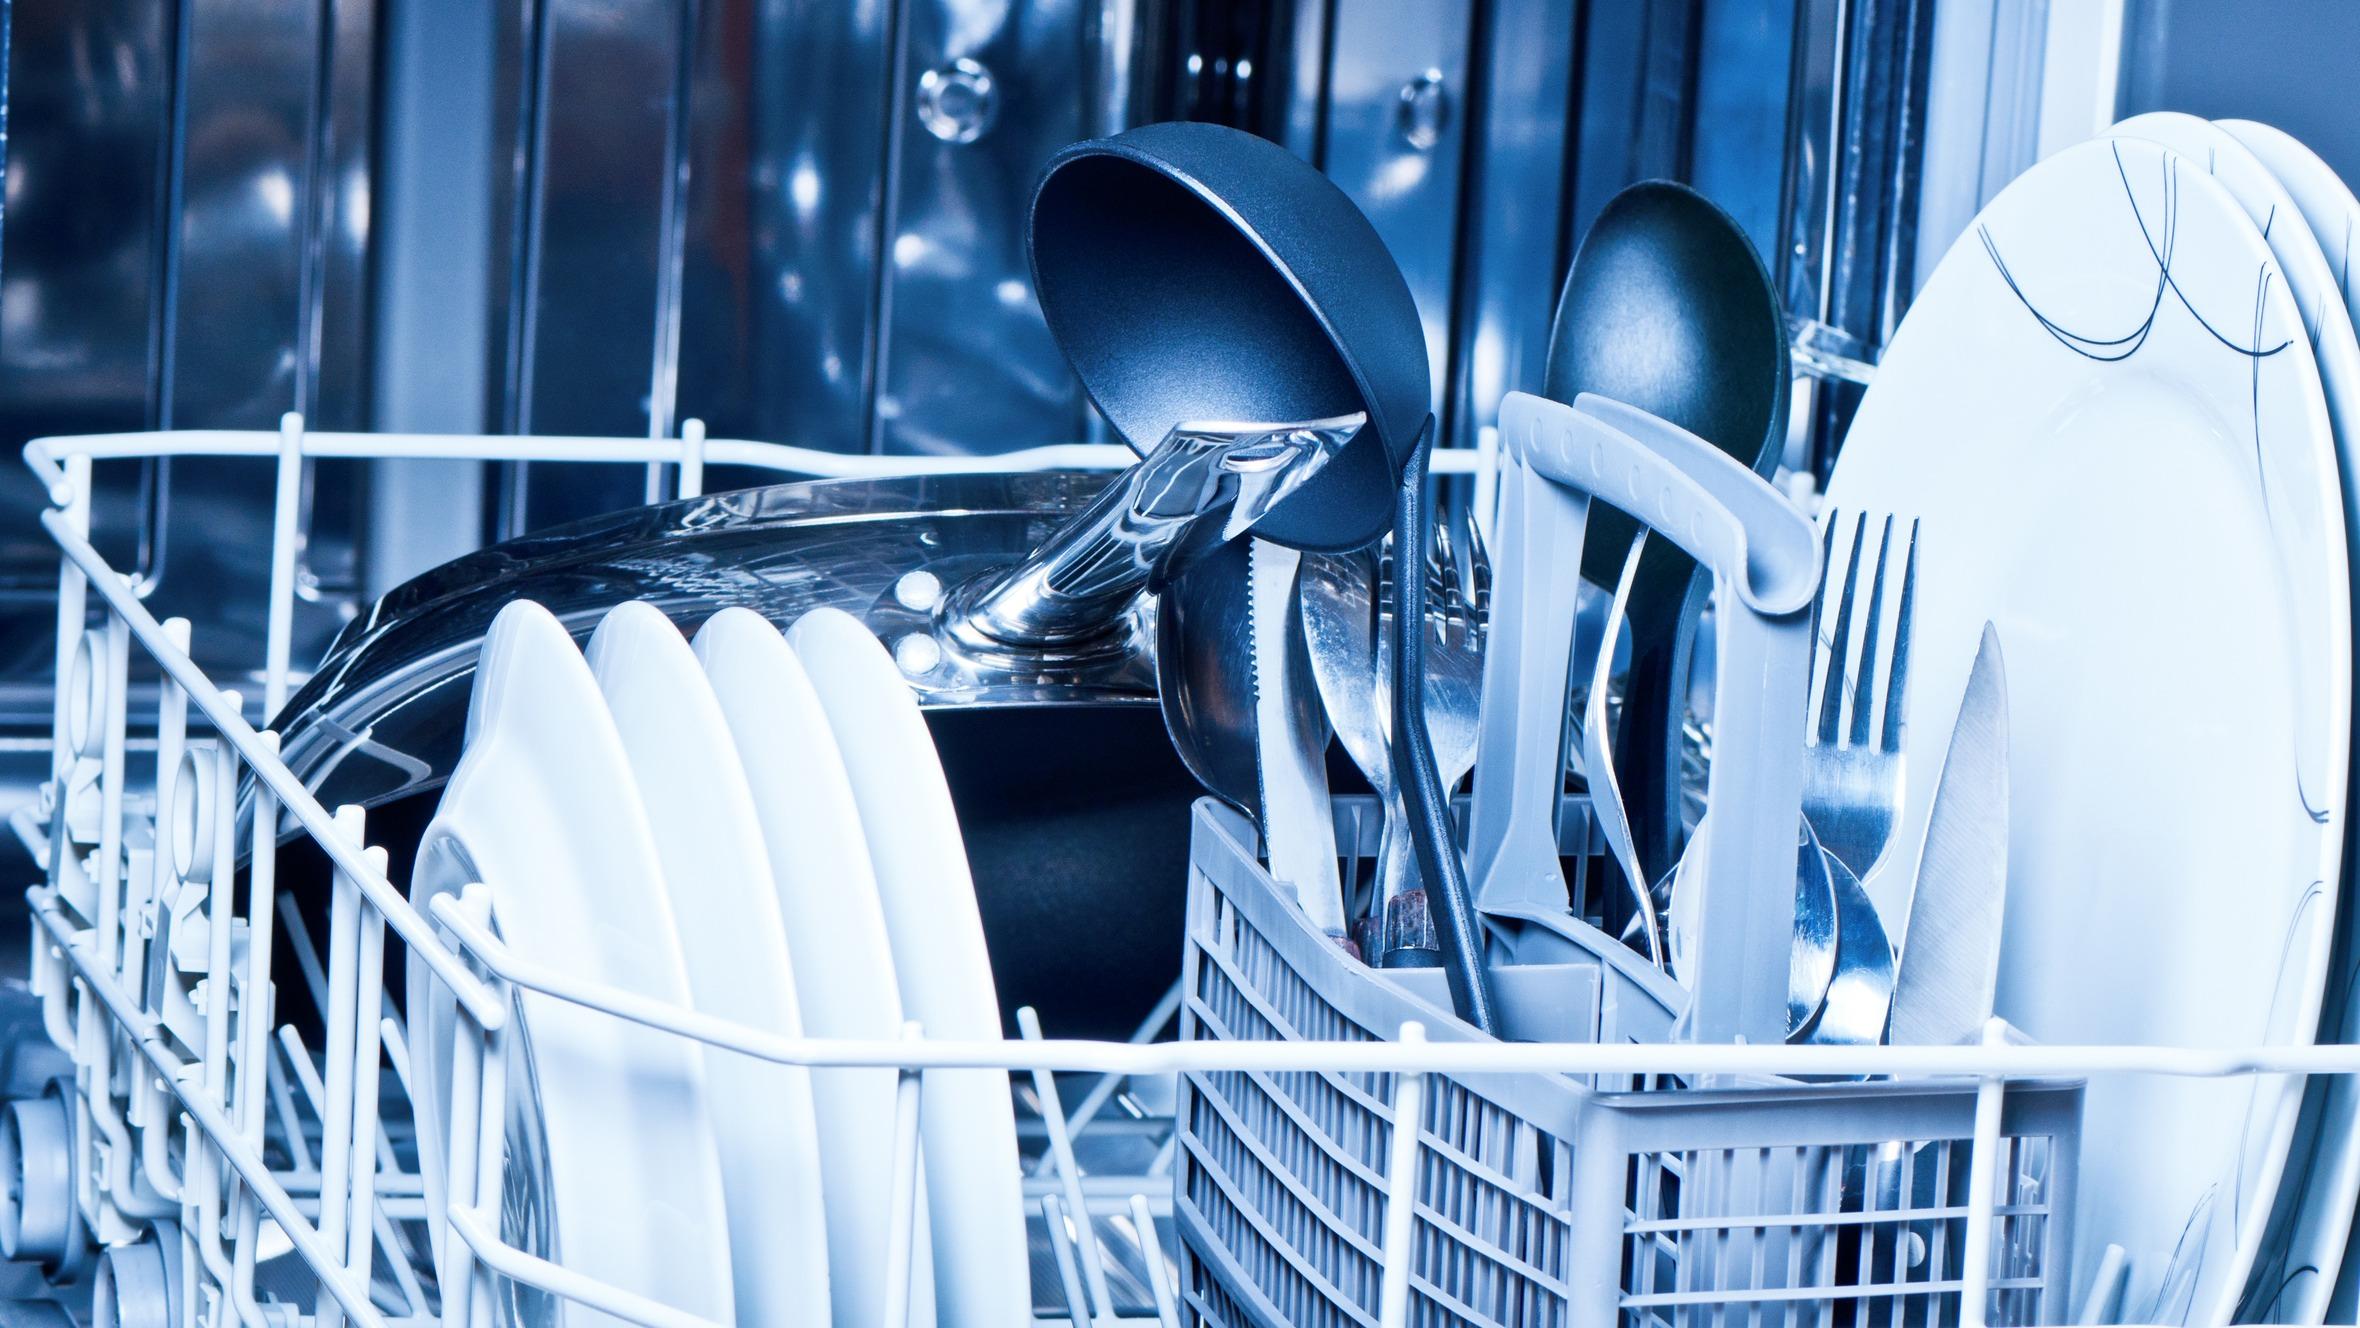 Diez cosas que no se deben meter en el lavavajillas